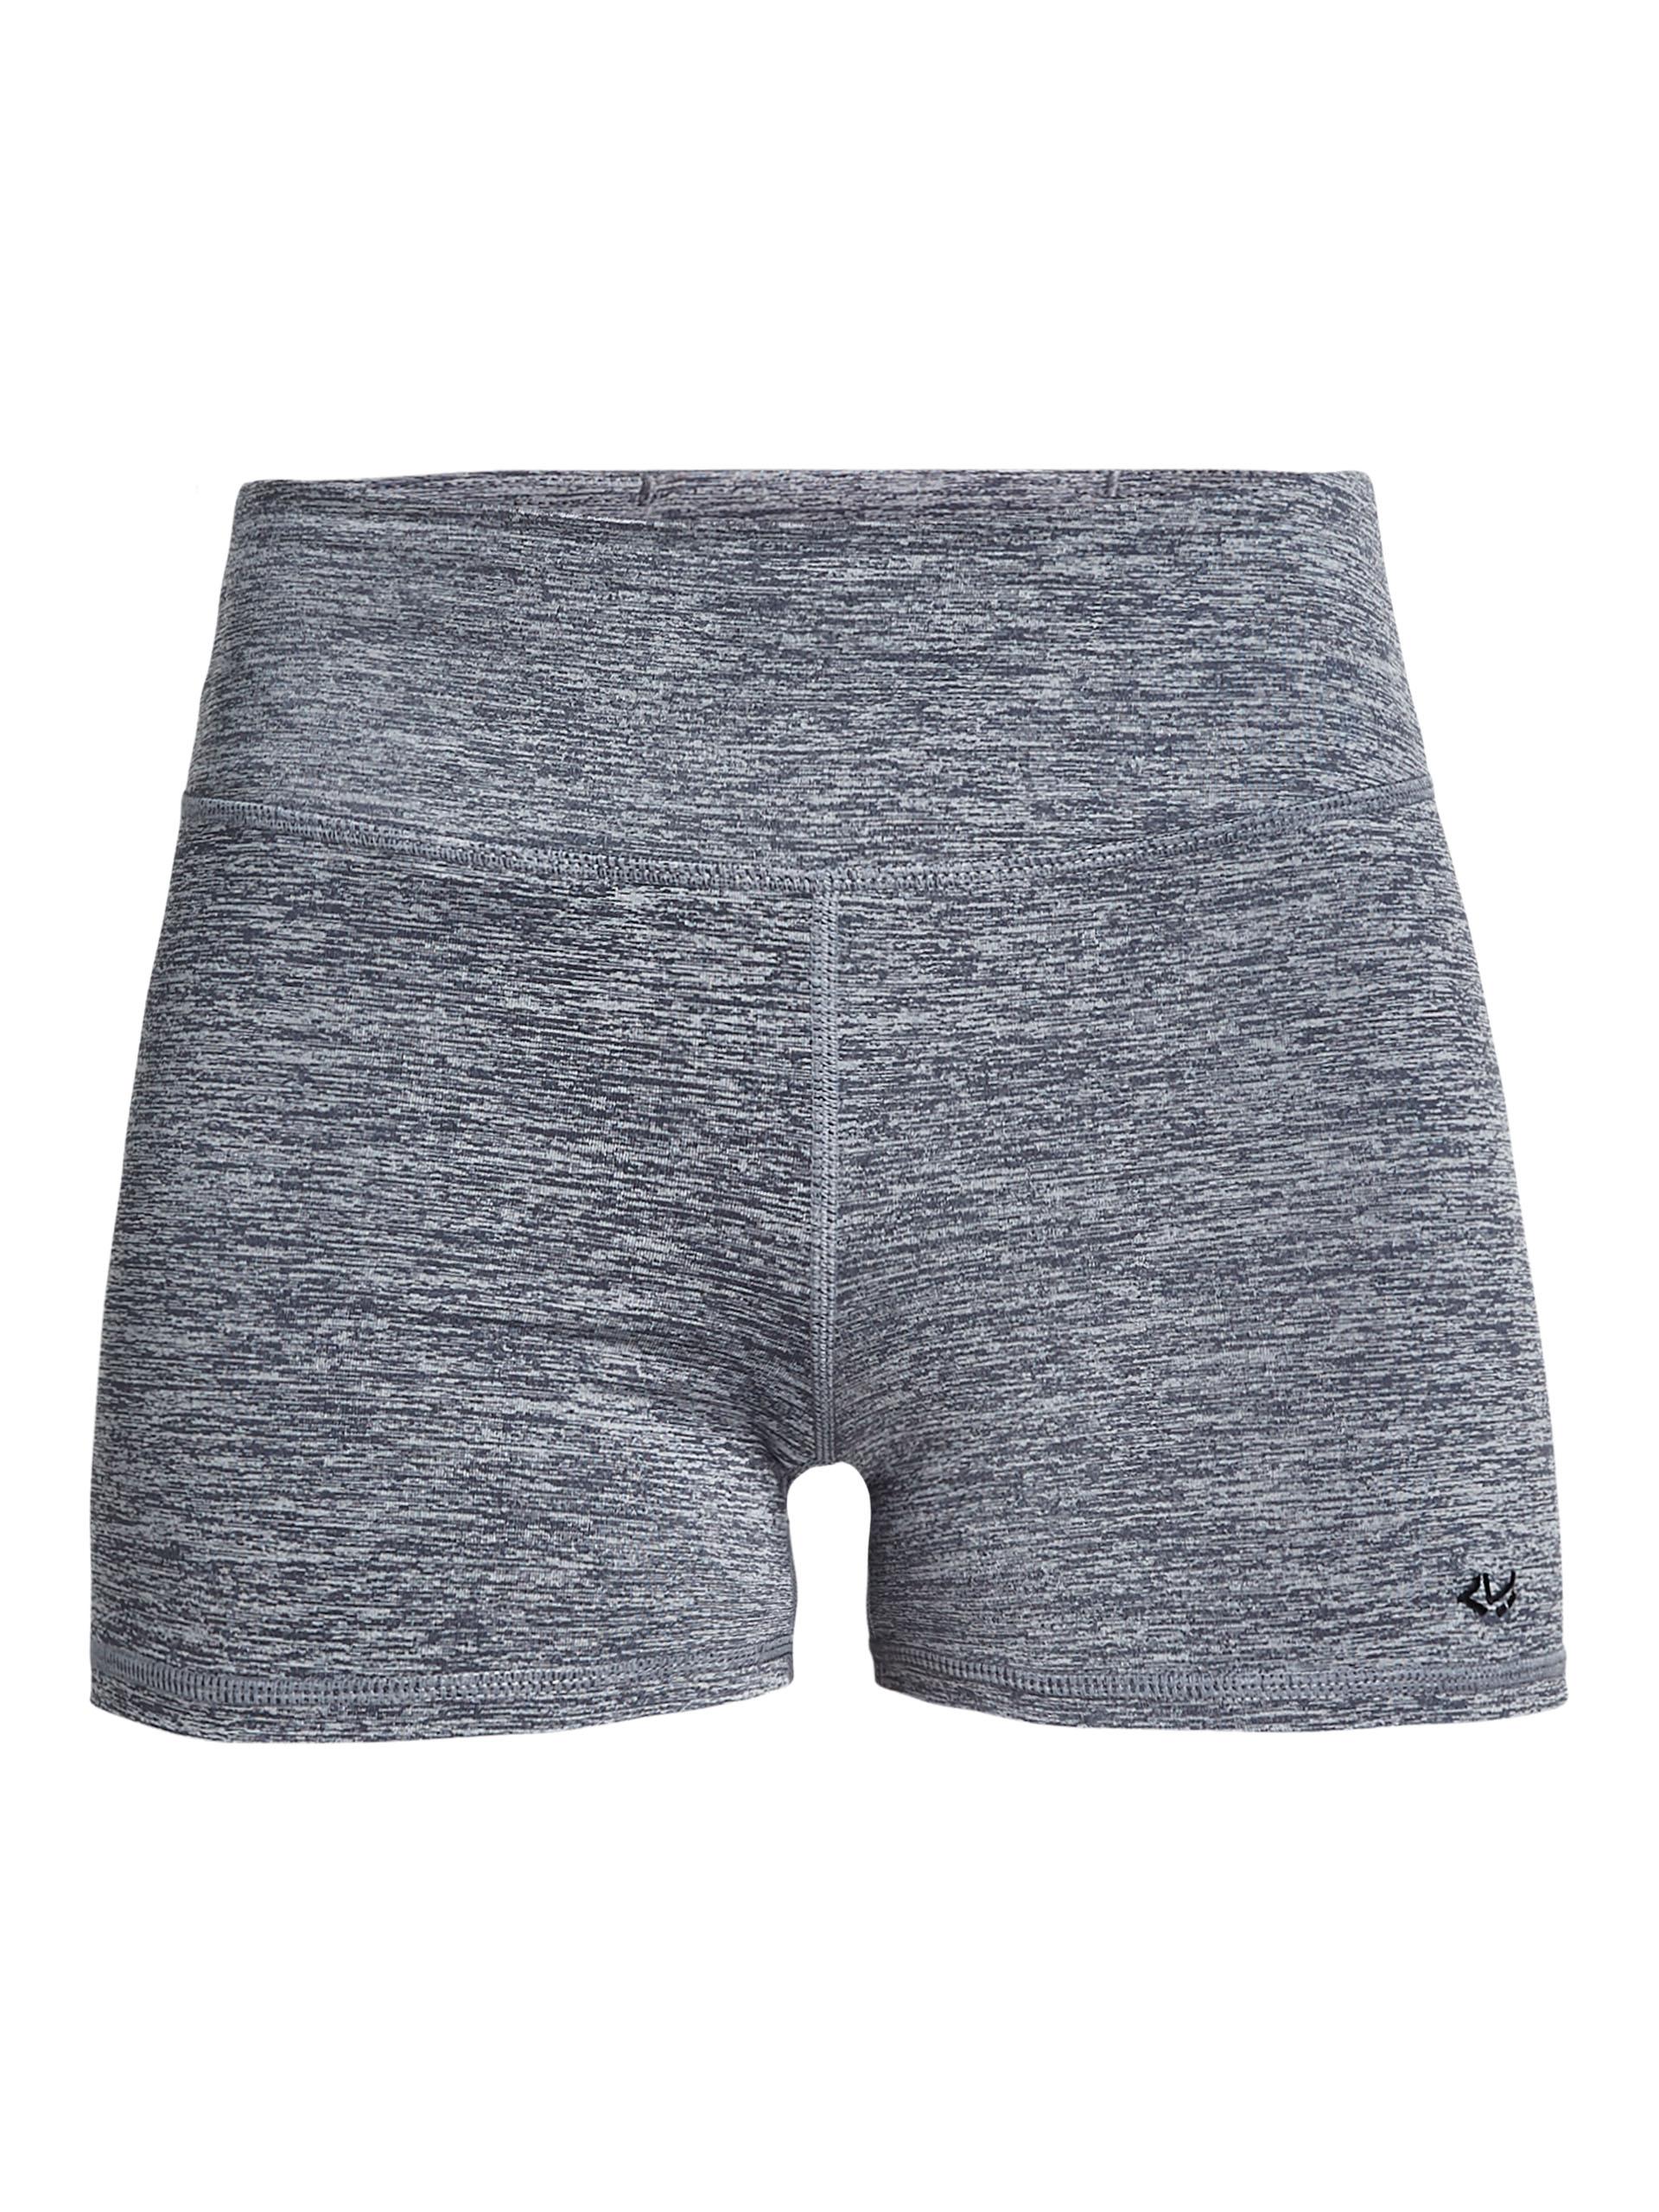 Grijs kort dames sport broekje Rohnisch - Hotpants